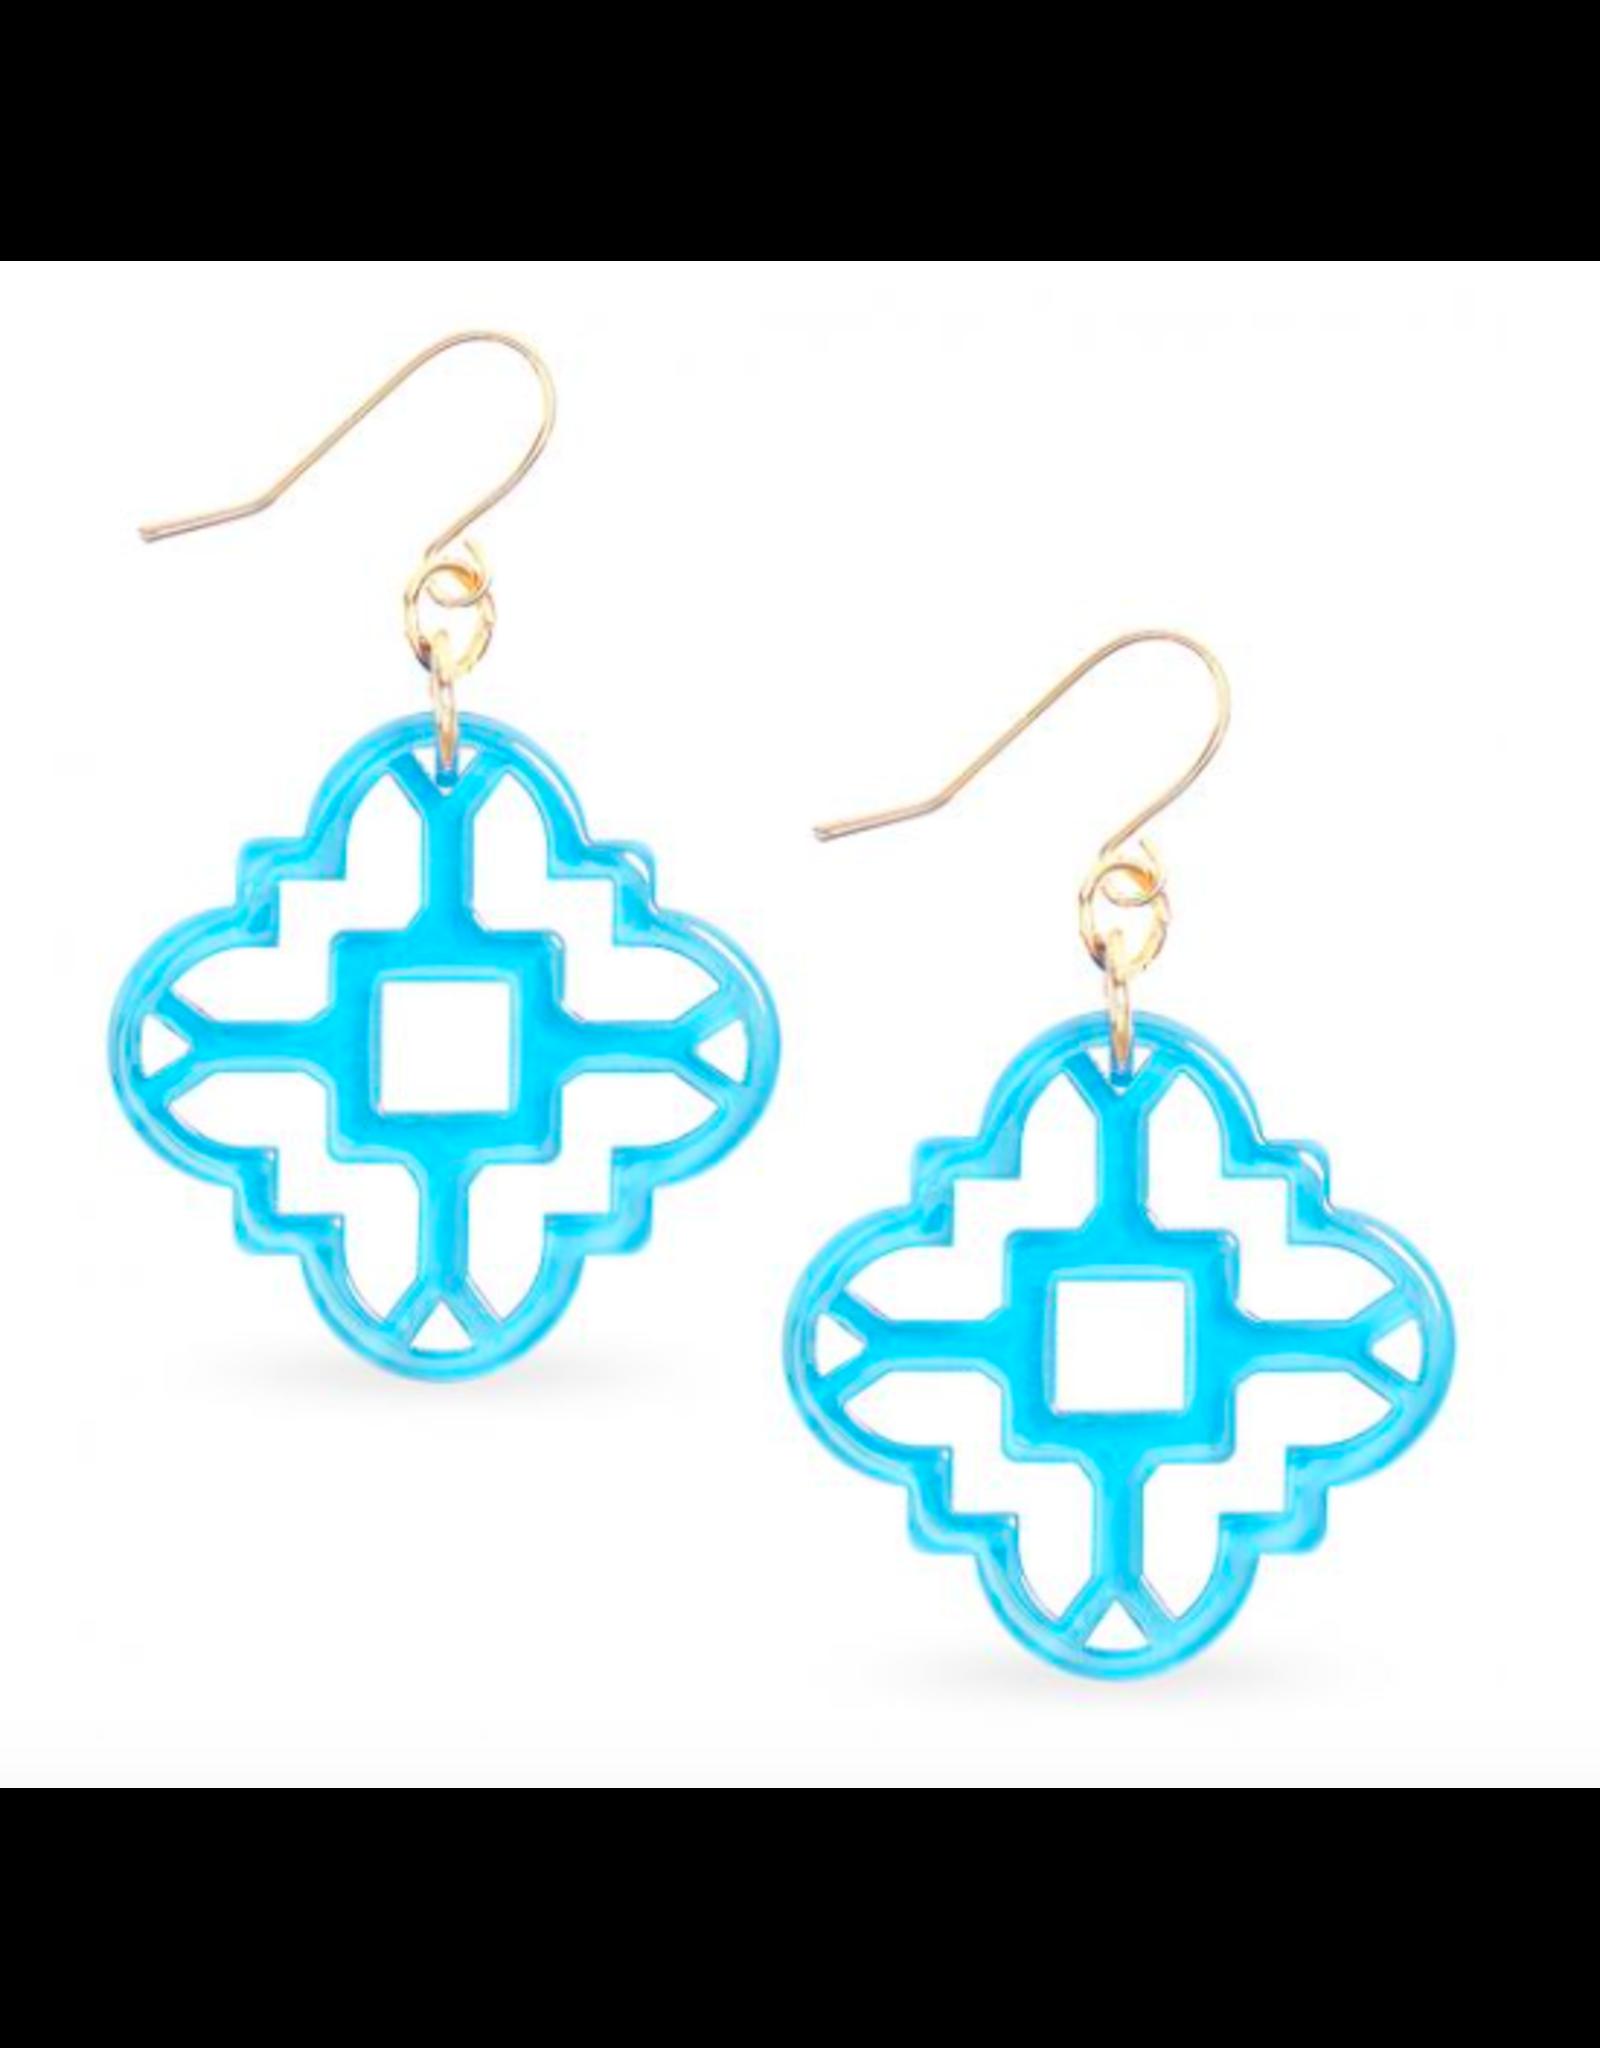 Zenzii Modern Mosaic Earrings in Bright Blue